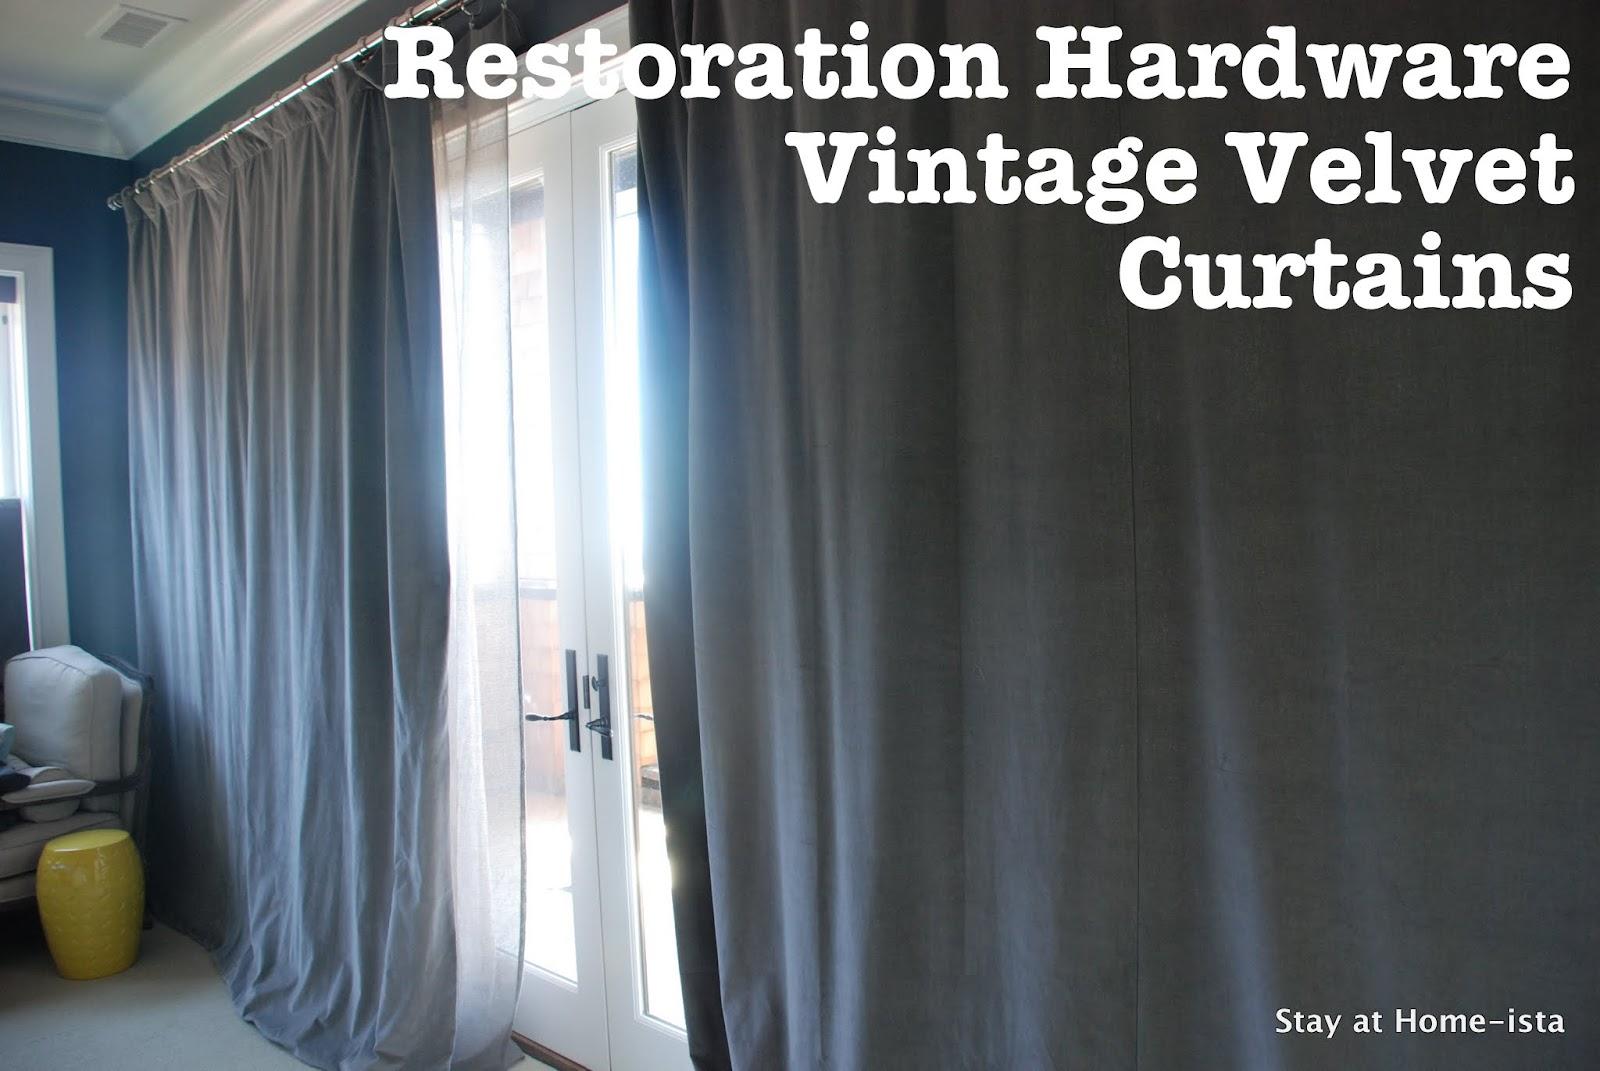 Restoration Hardware Vintage Velvet Curtains In Fog